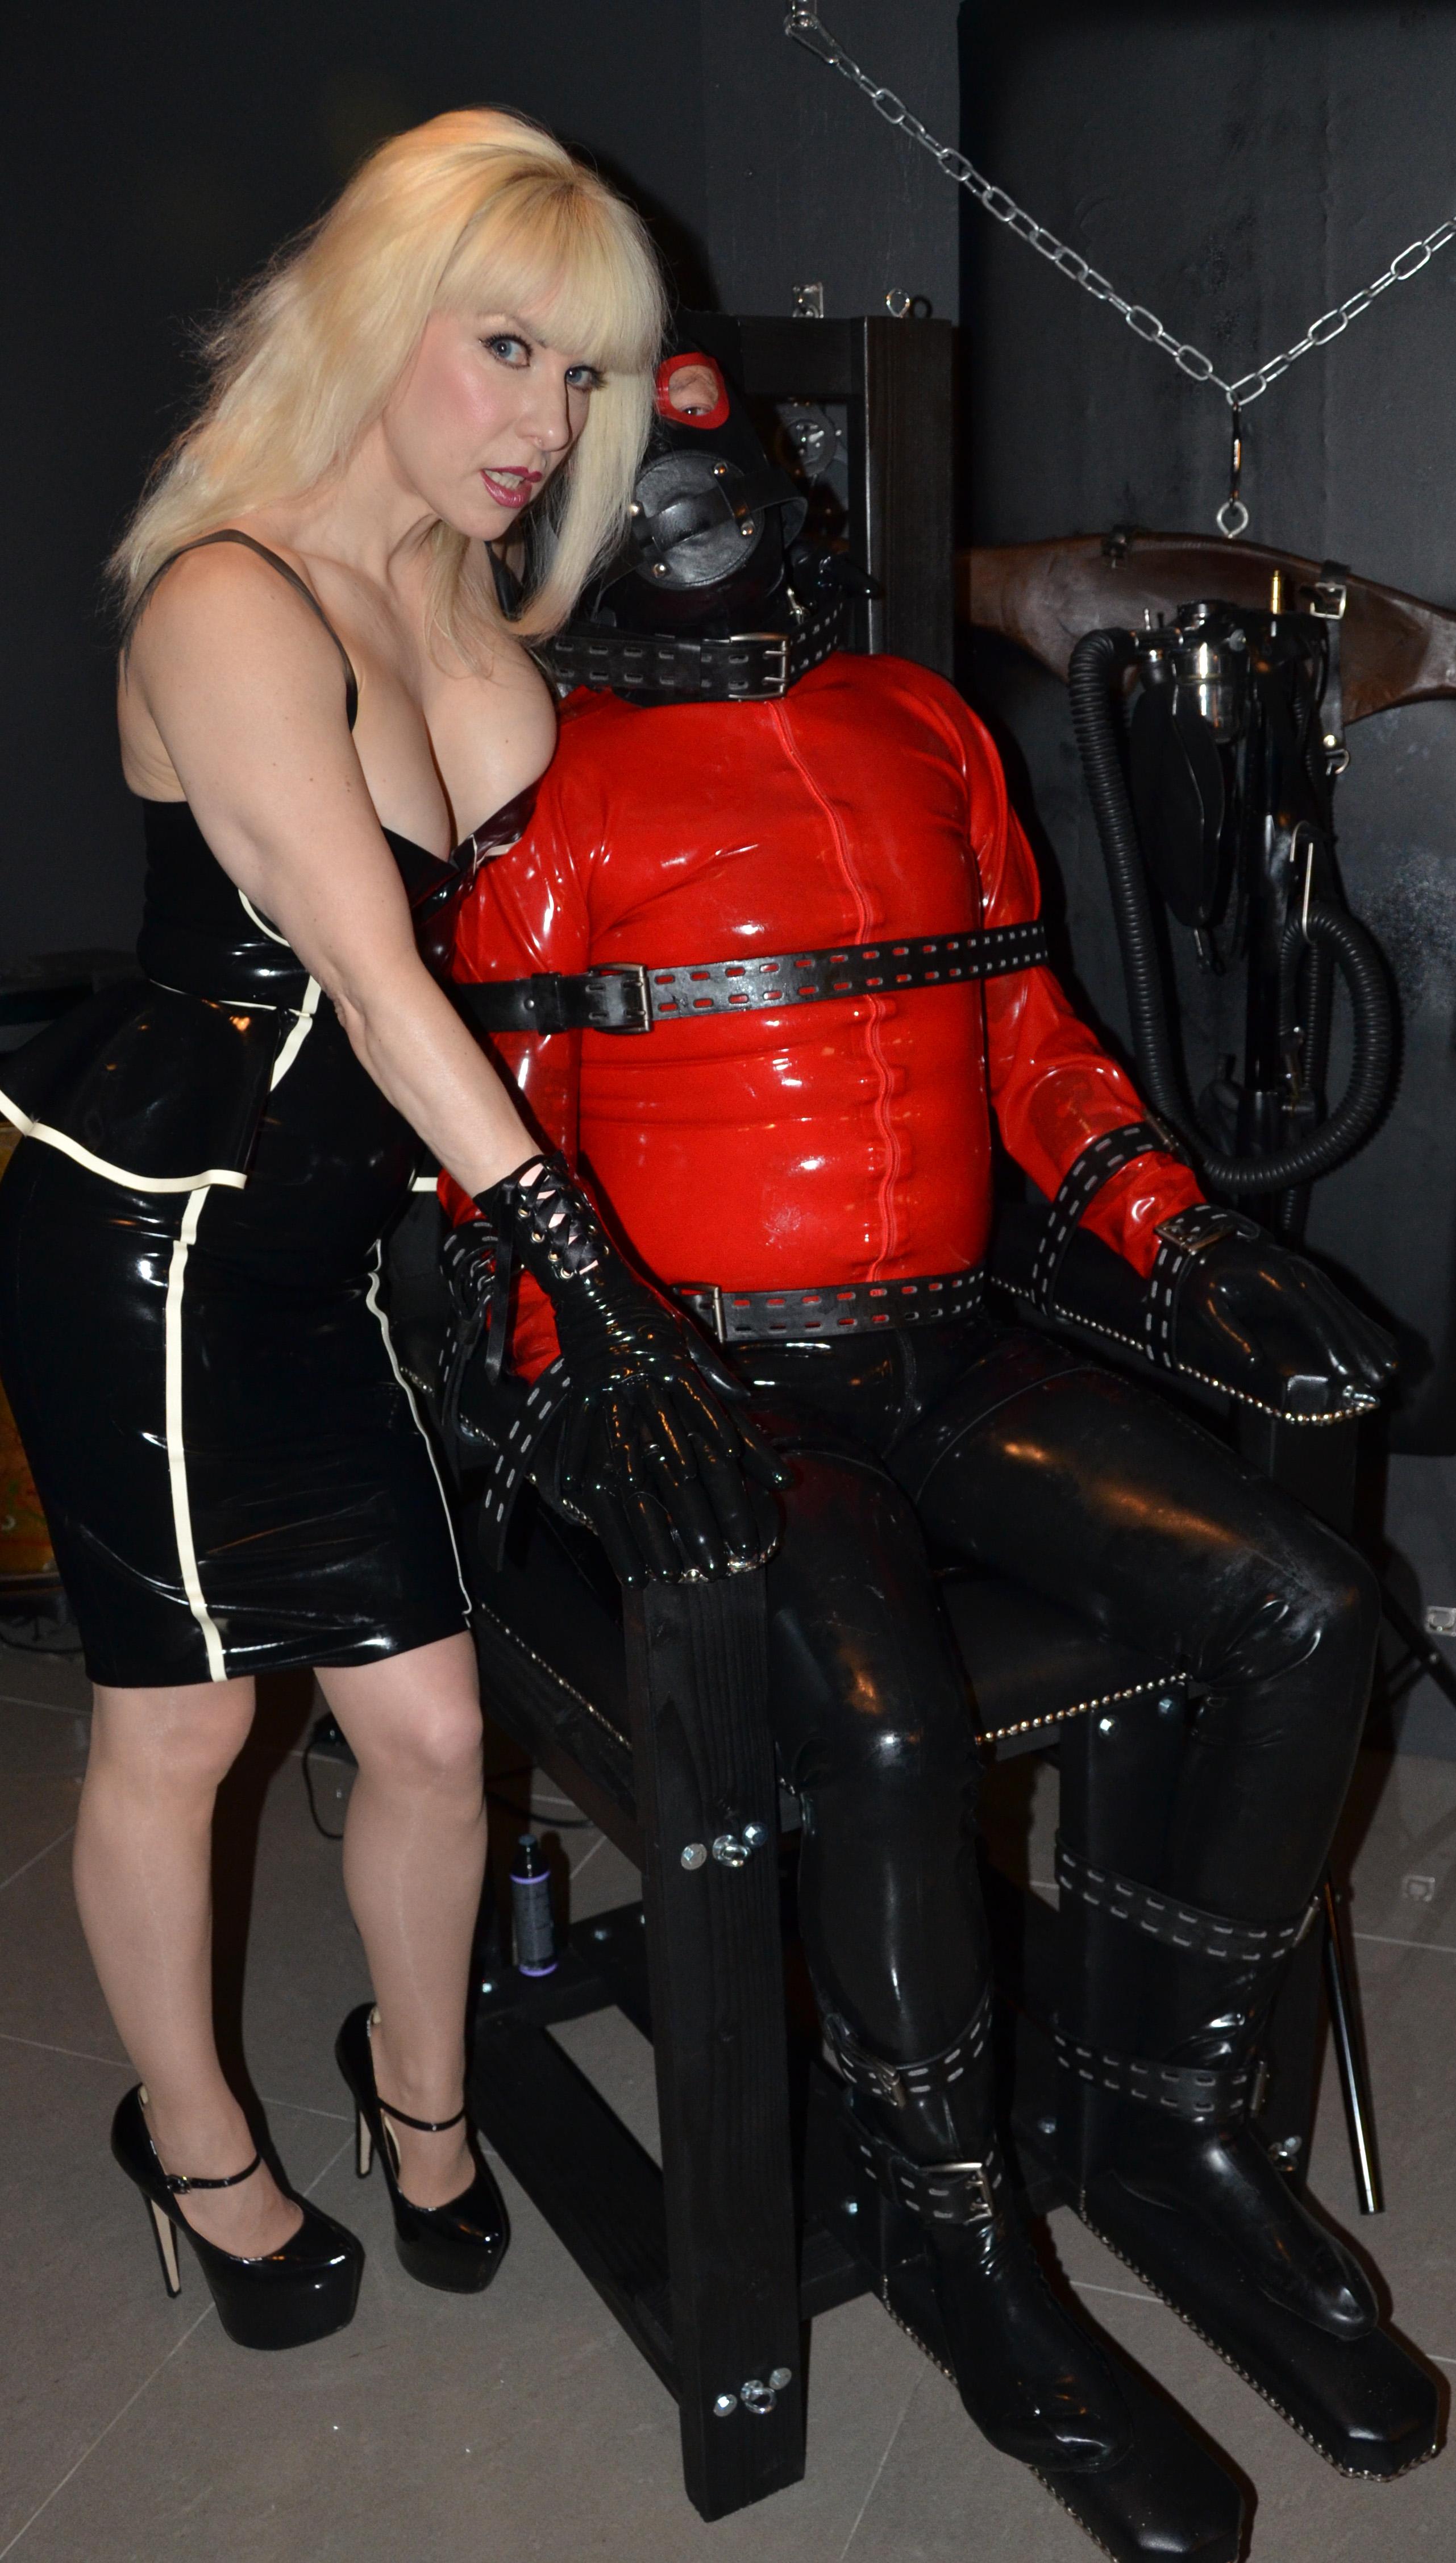 Rubber bondage mistress surrey archives